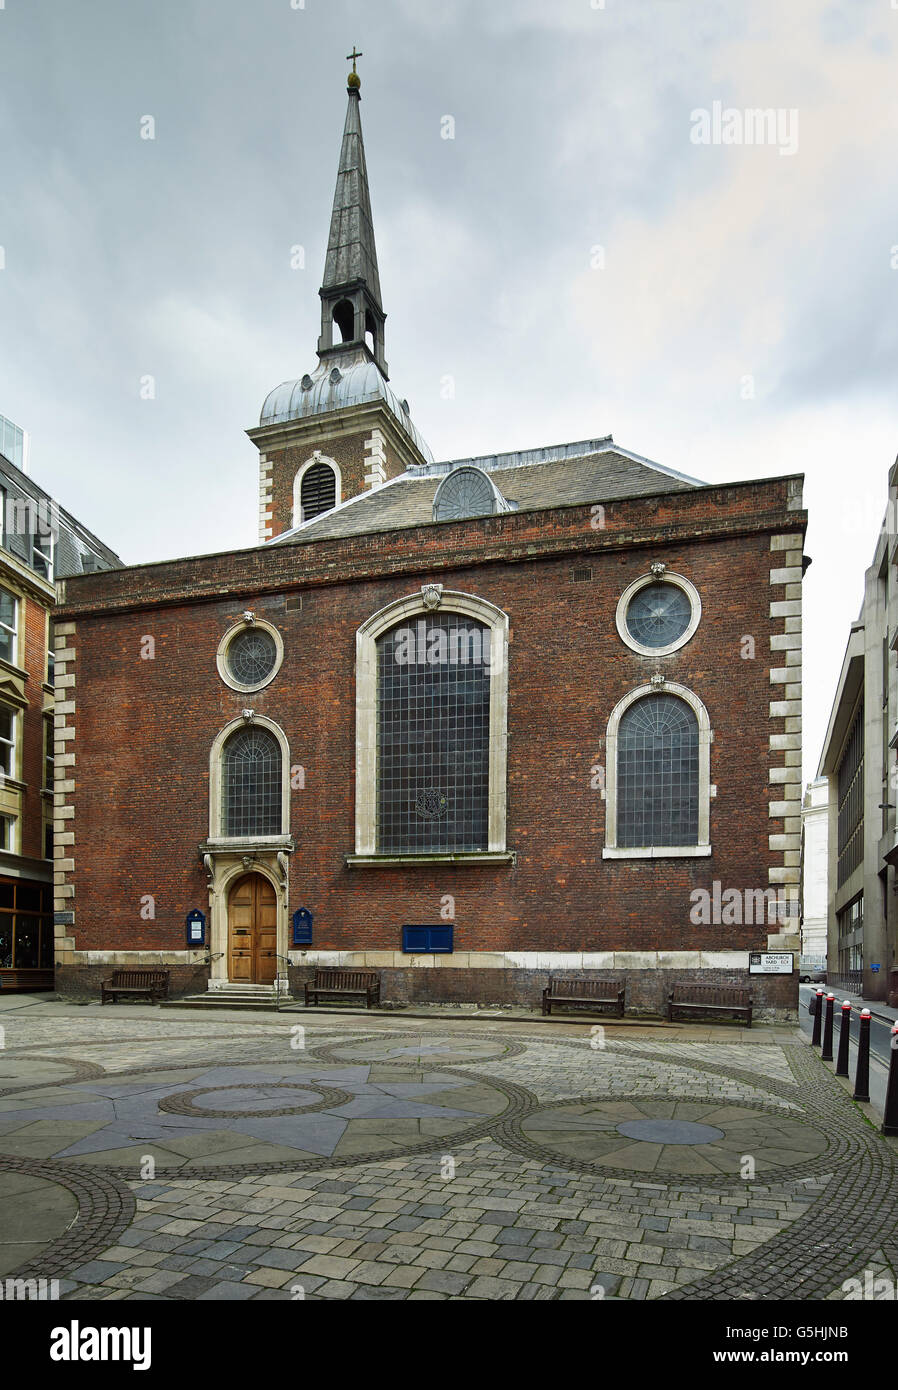 St Mary Abchurch, Kirche in der City of London, roten Backsteinfassade Stockbild